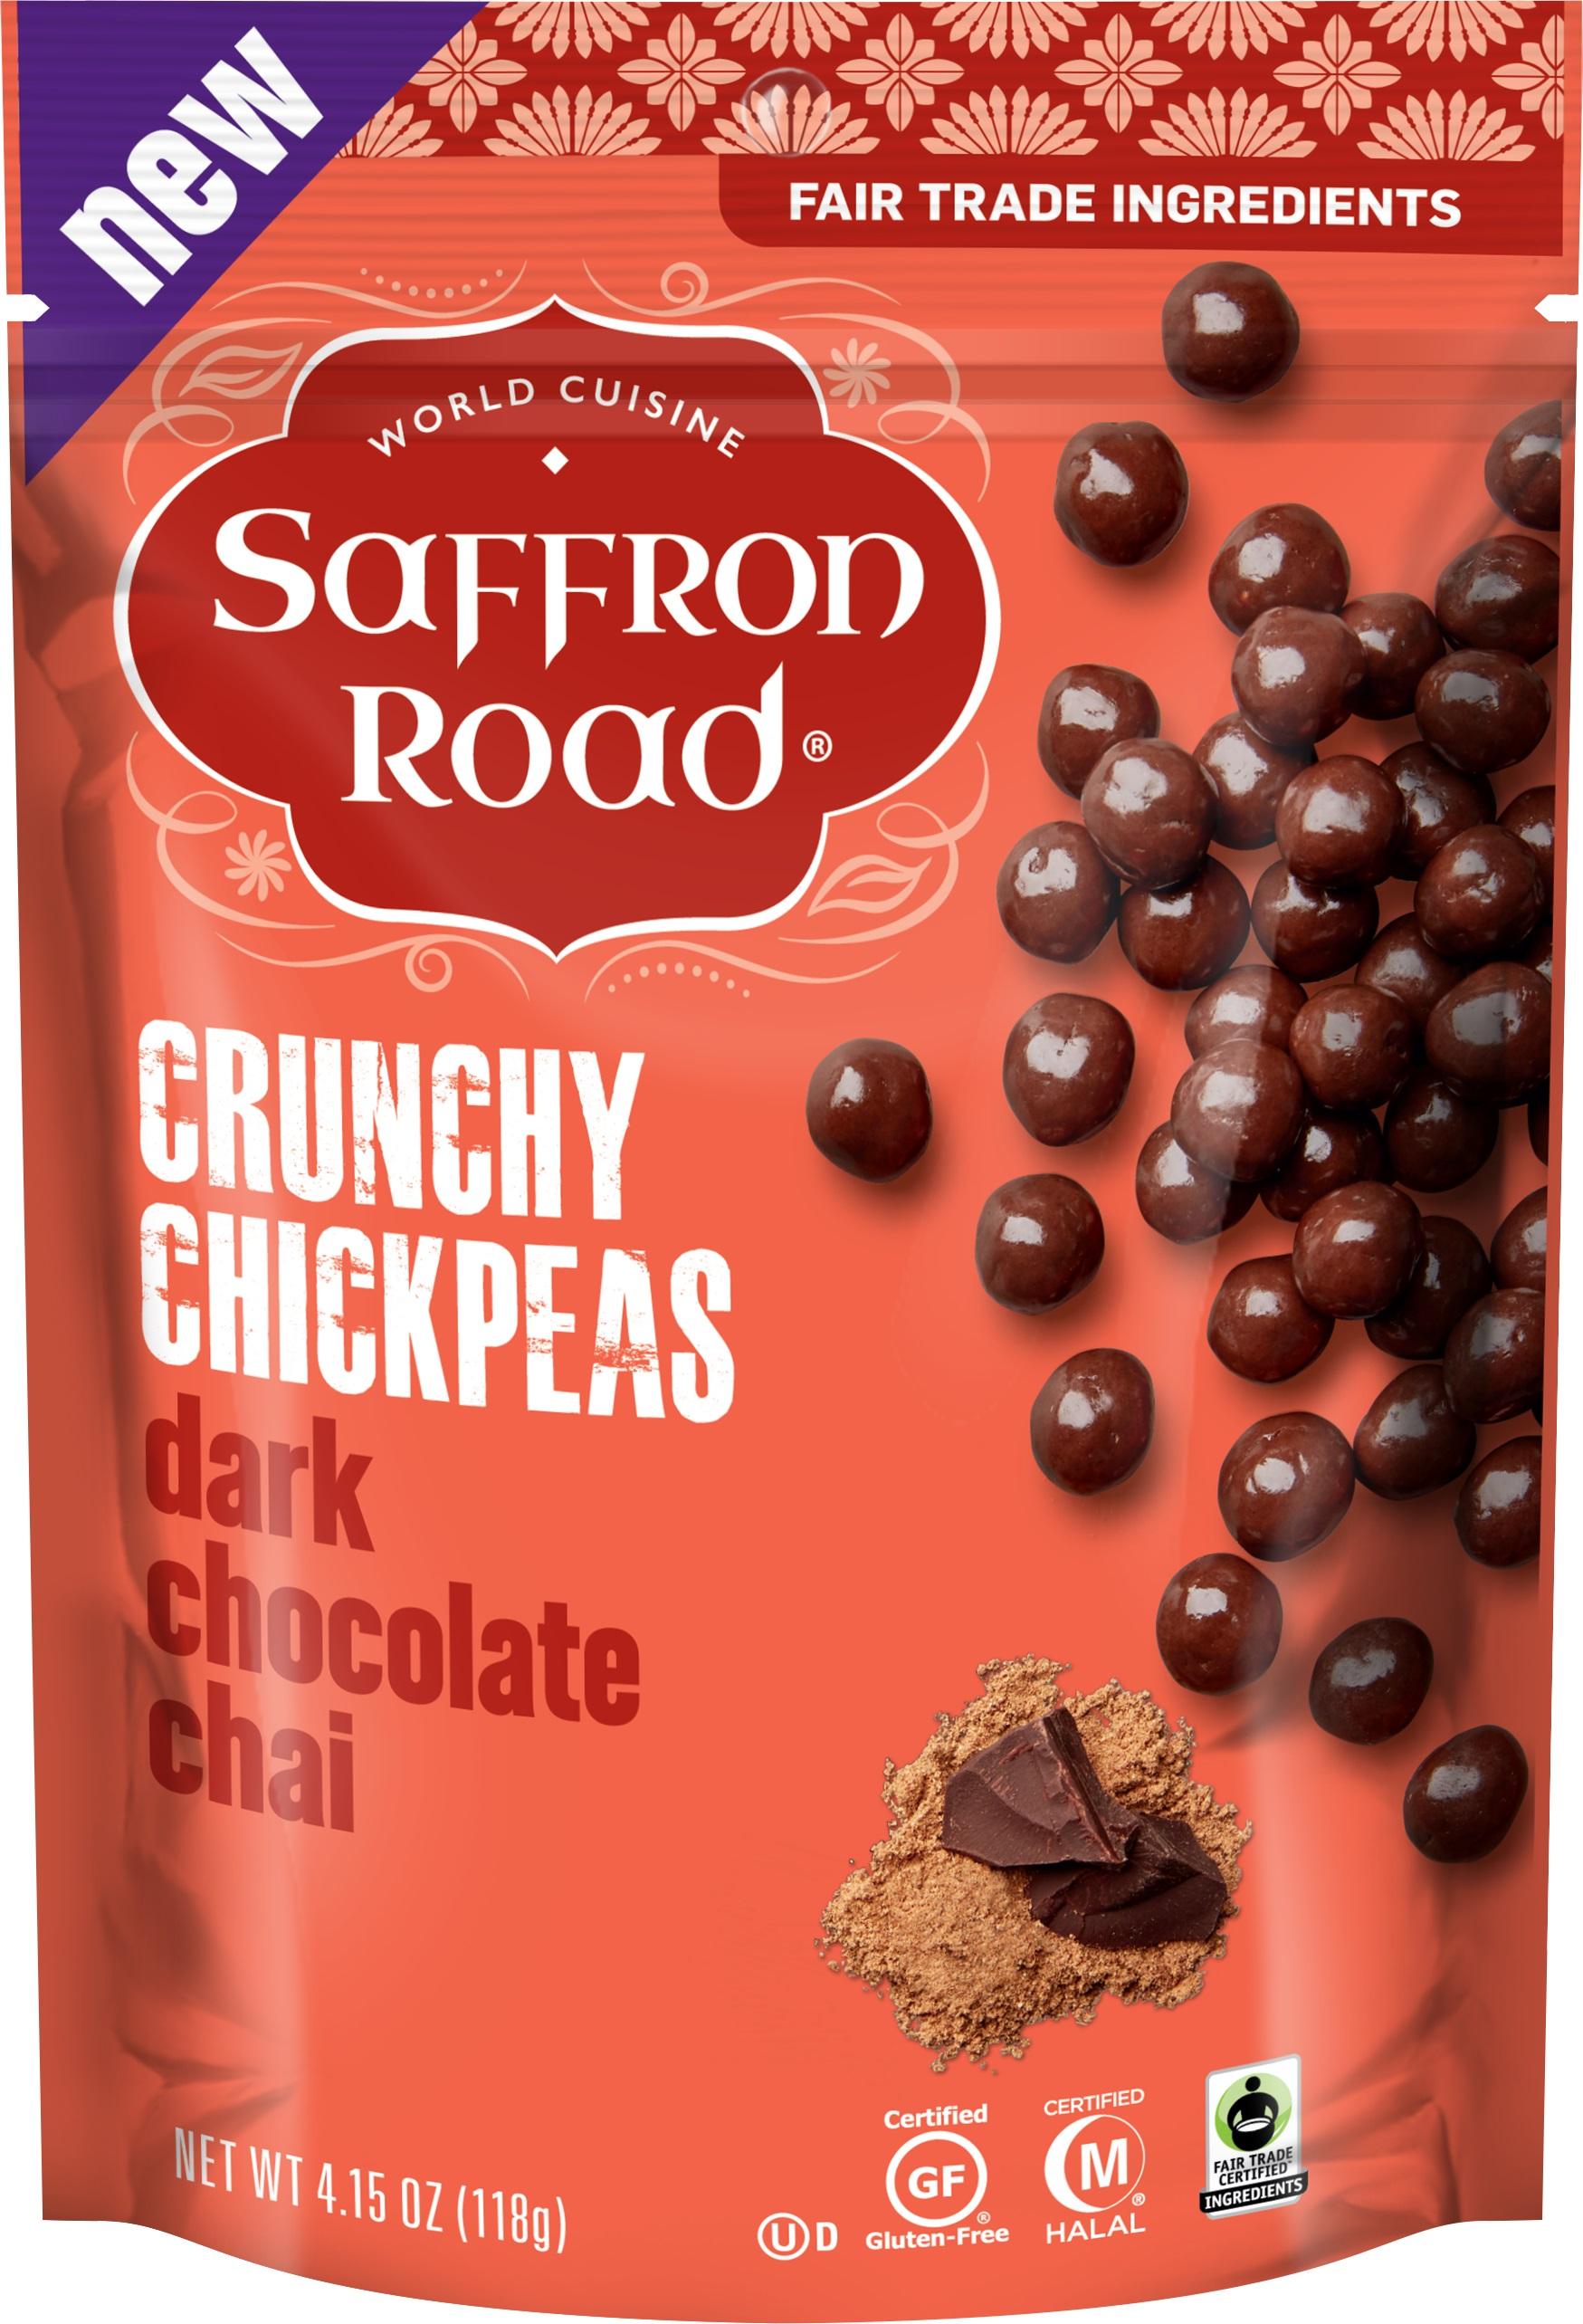 Saffron Road Crunchy Chickpeas Dark Chocolate Chai